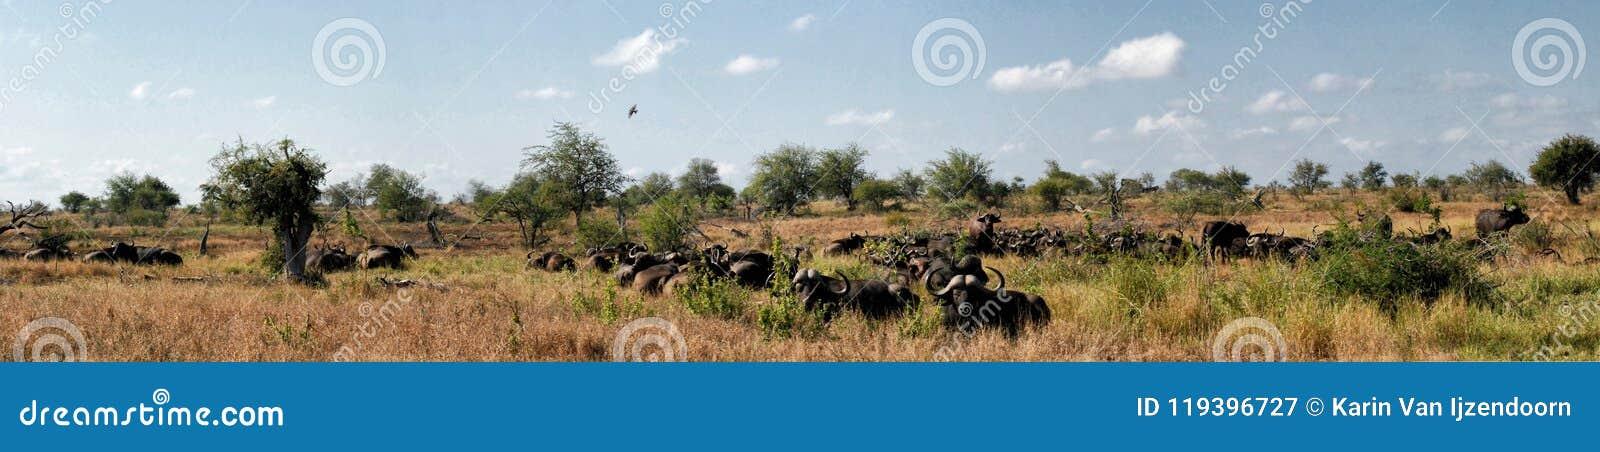 Панорама табуна африканского буйвола в африканском ландшафте